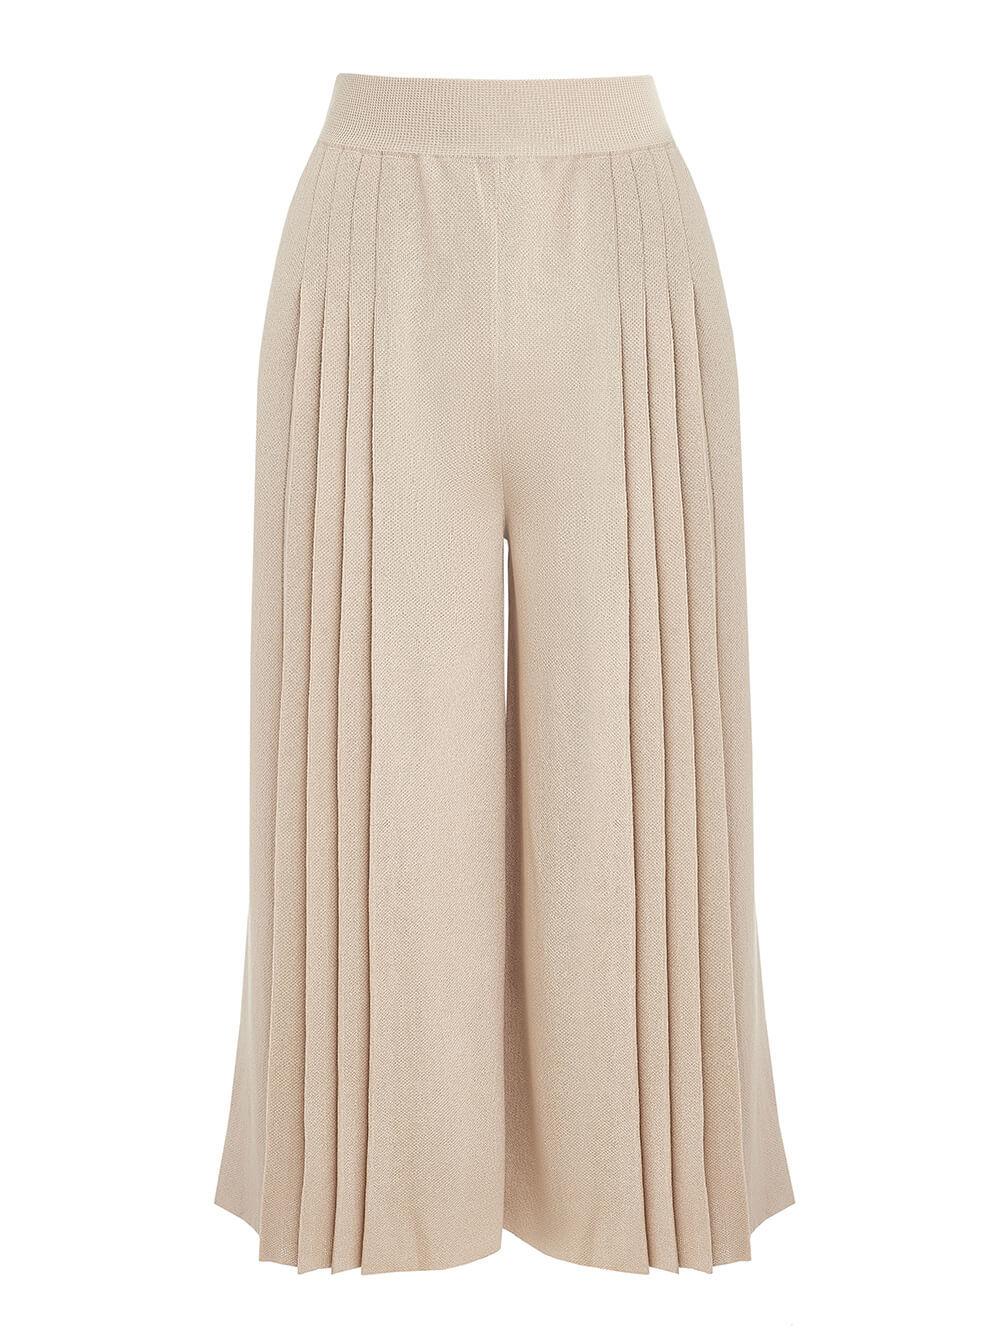 Женские брюки бежевого цвета из вискозы - фото 1